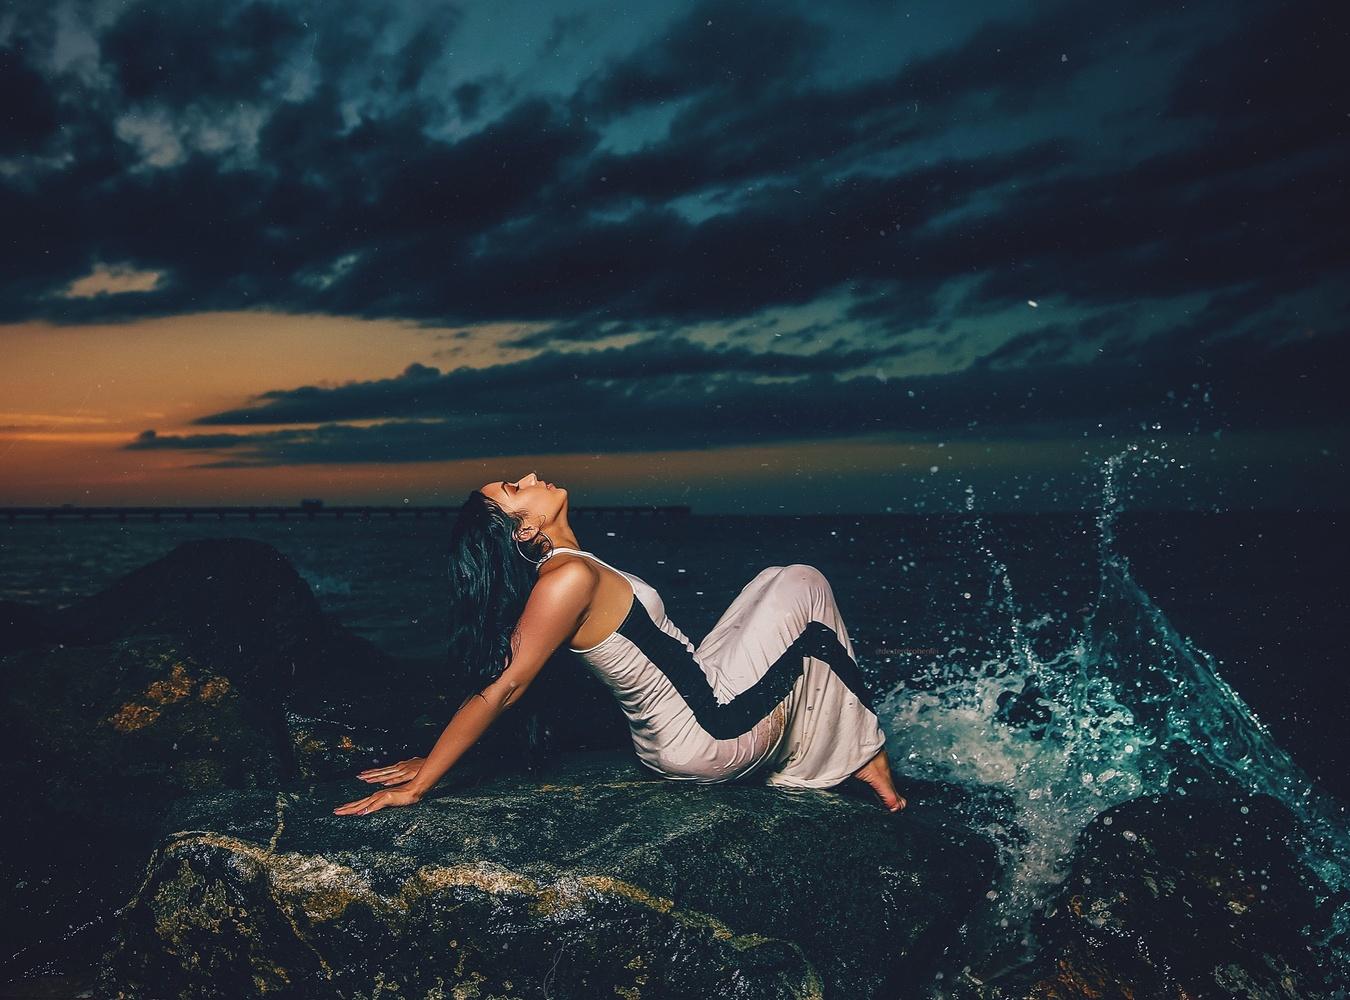 Shorenity by Dexter Cohen